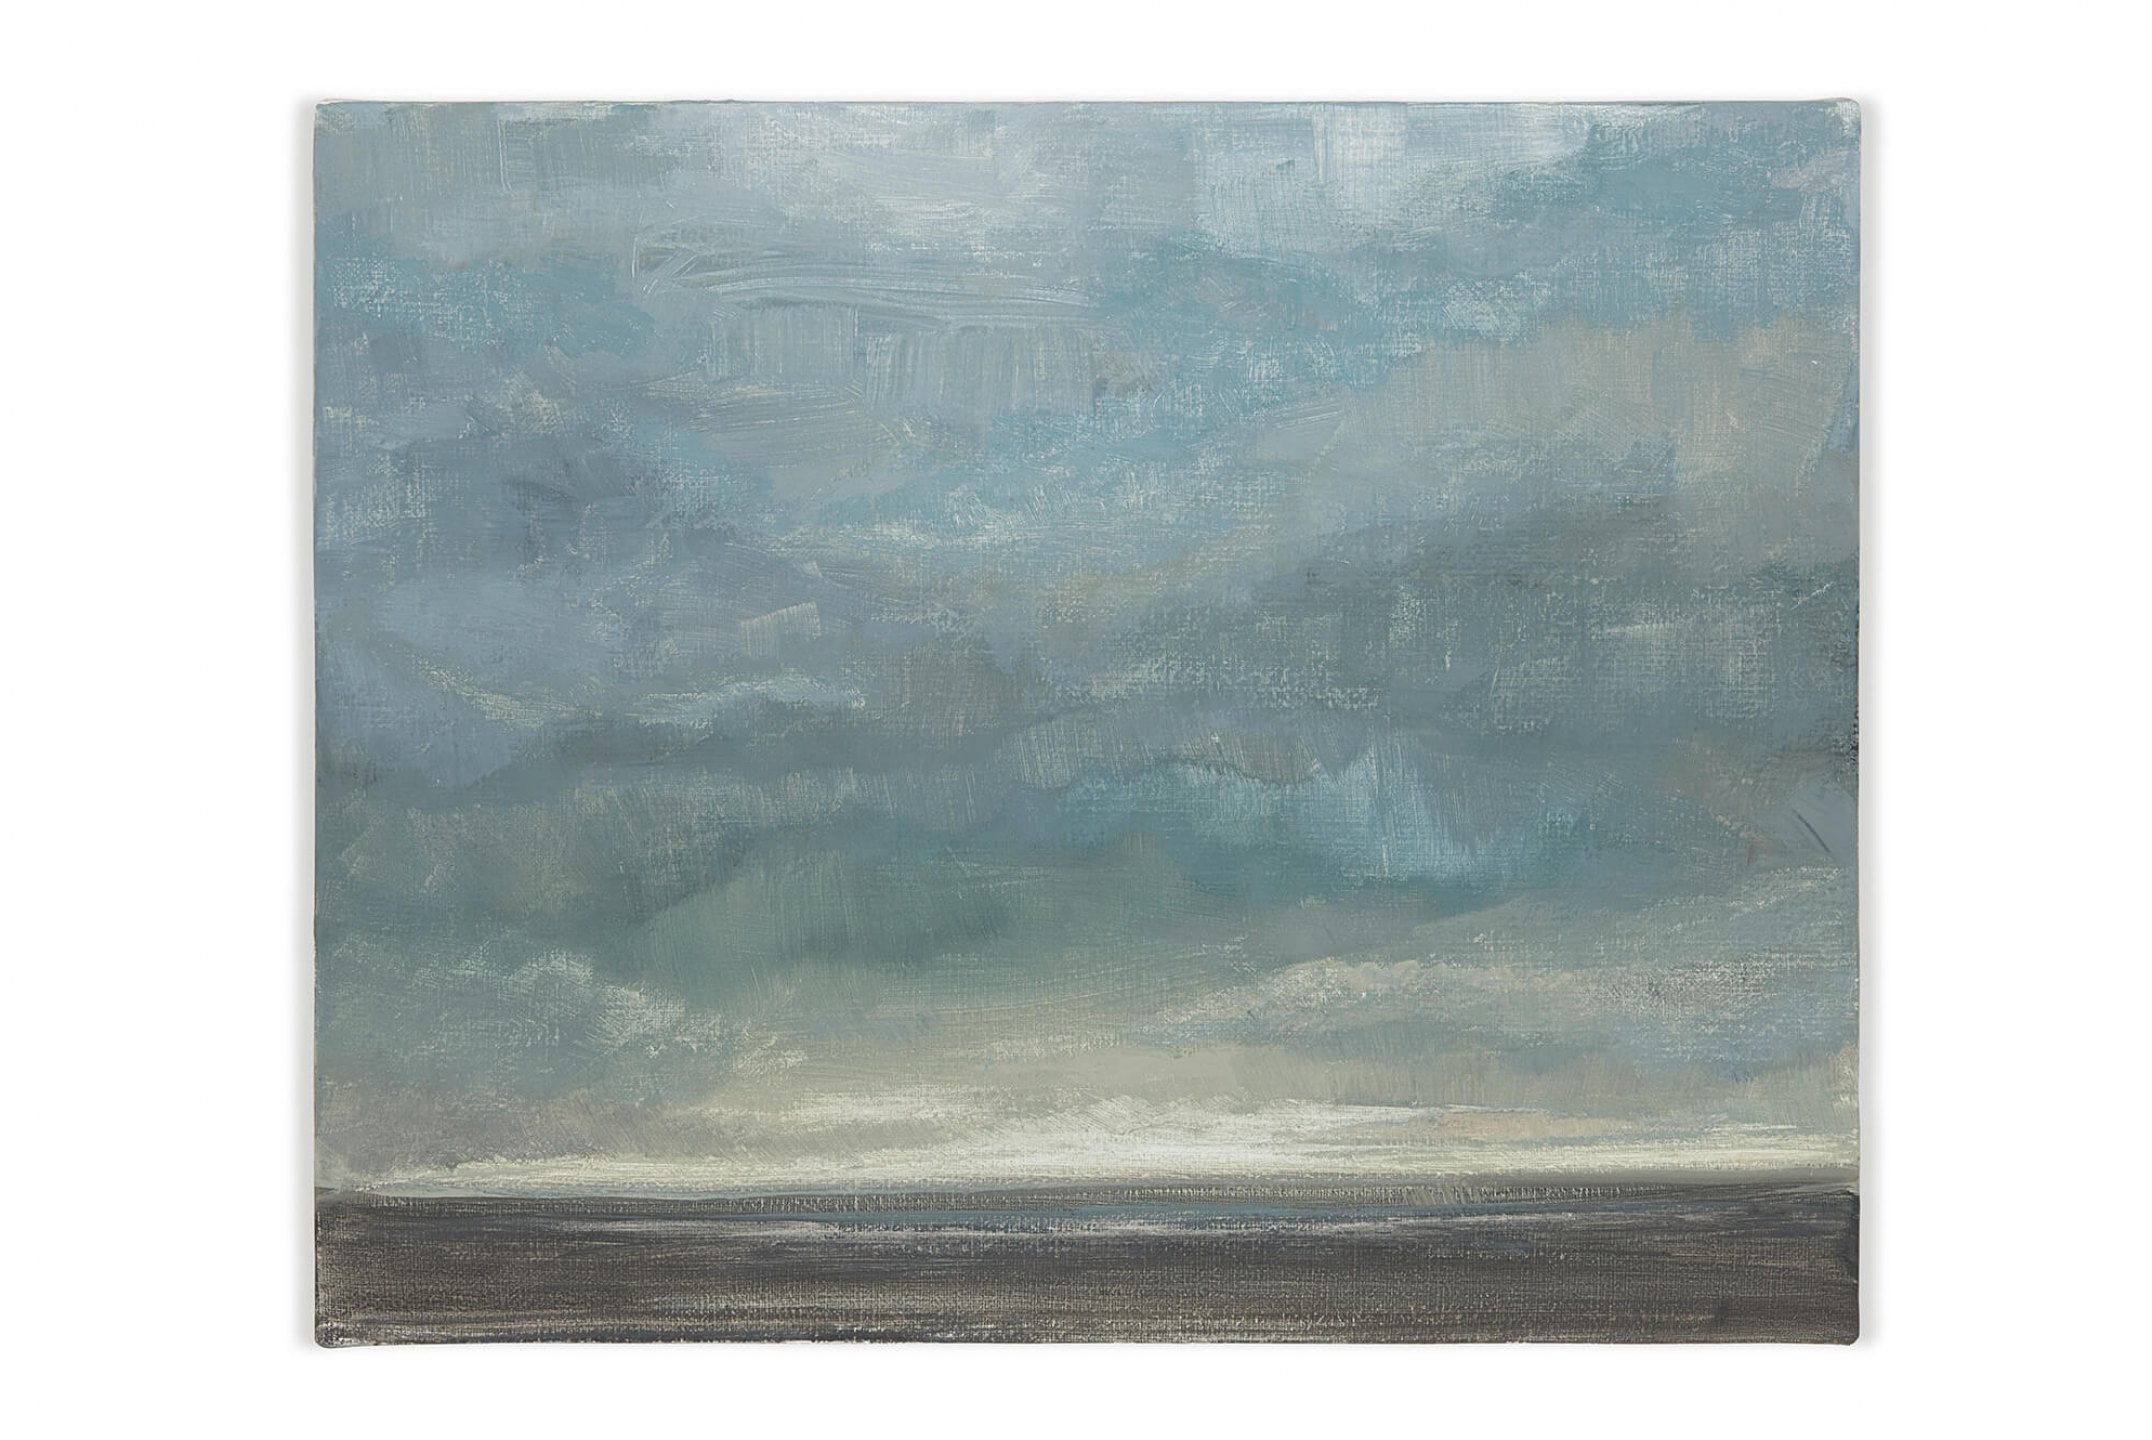 Lucas Arruda,&nbsp;<em>untitled</em>, 2013, oil on canvas, 24 × 30 cm - Mendes Wood DM